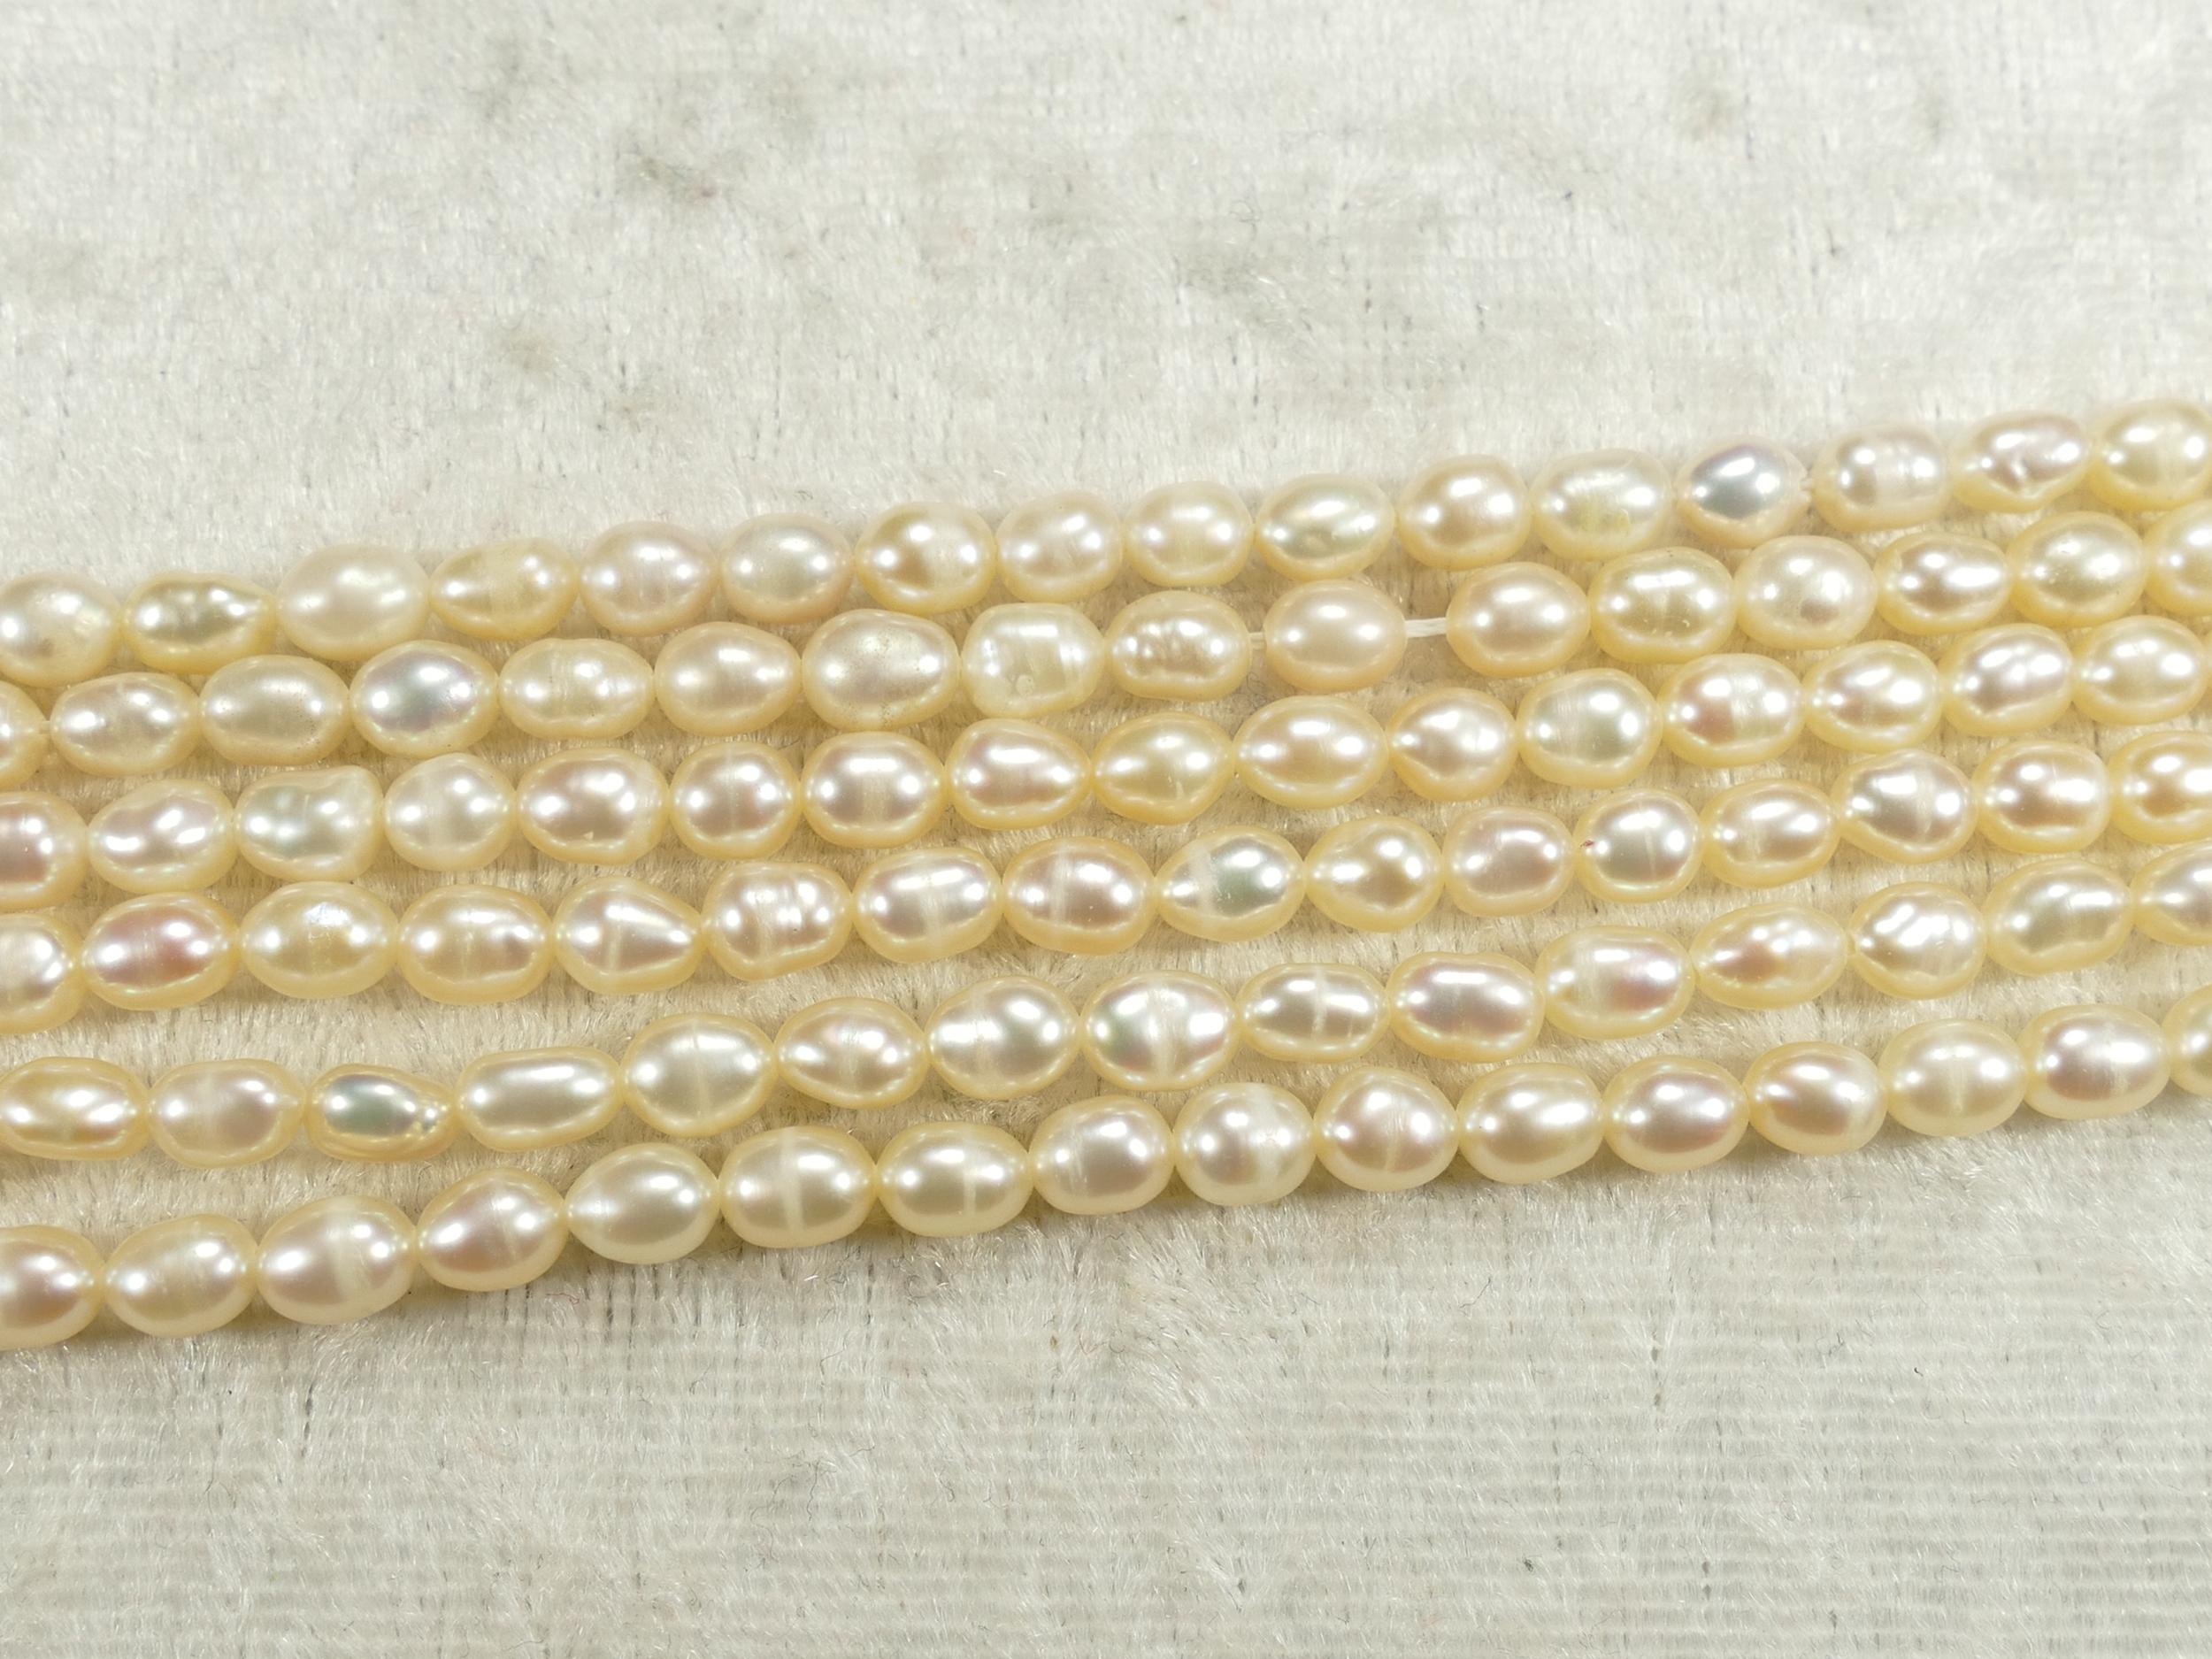 4x5.2mm x20cm (7.8inch) Perles de culture doré crème naturelle d\'eau douce ovale (#AC675)